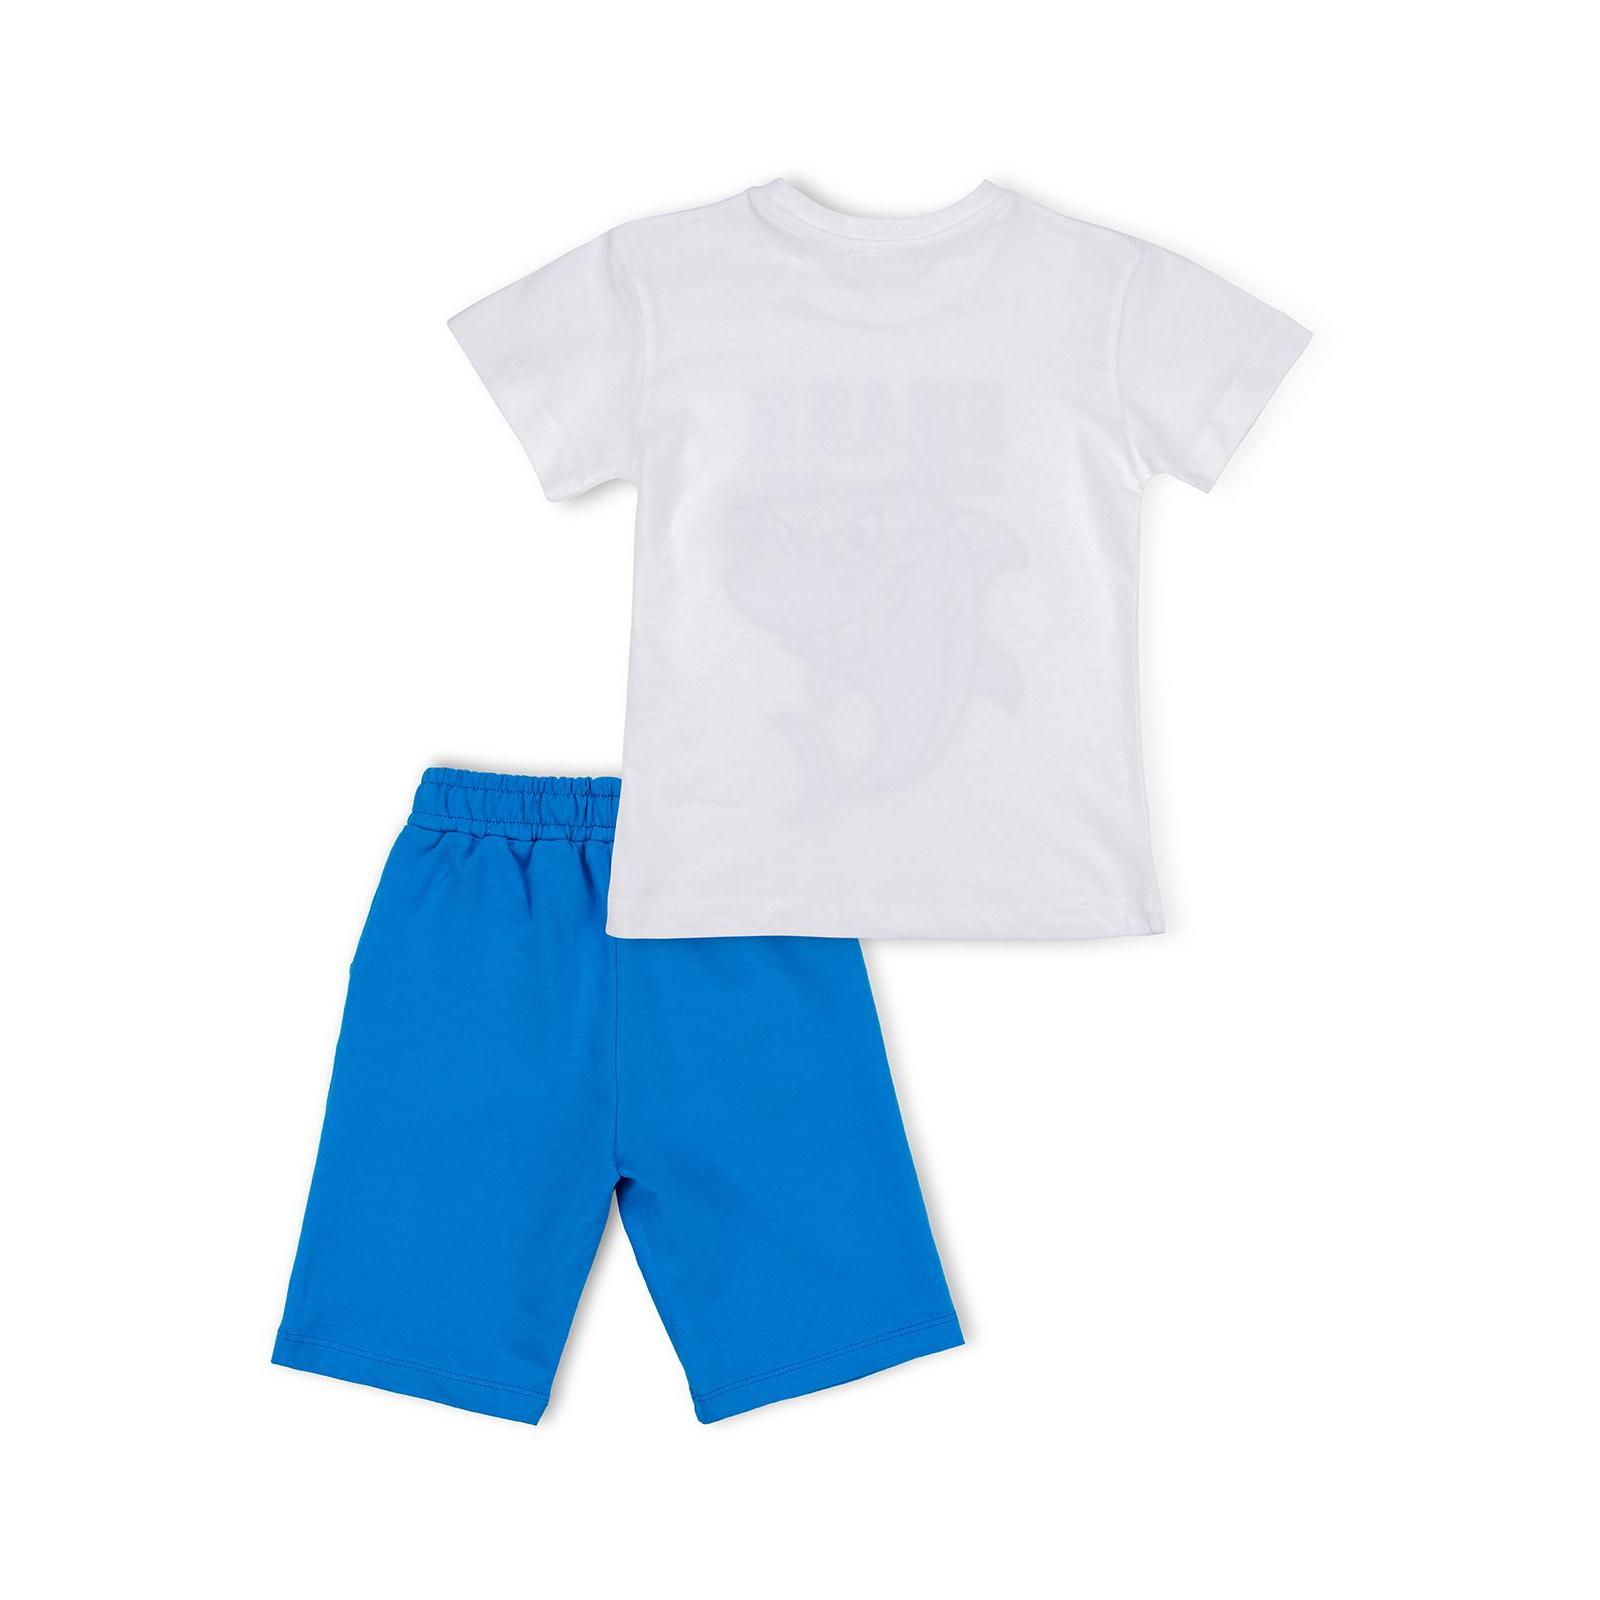 Набор детской одежды Breeze с акулой в очках (10931-98B-beige) изображение 4